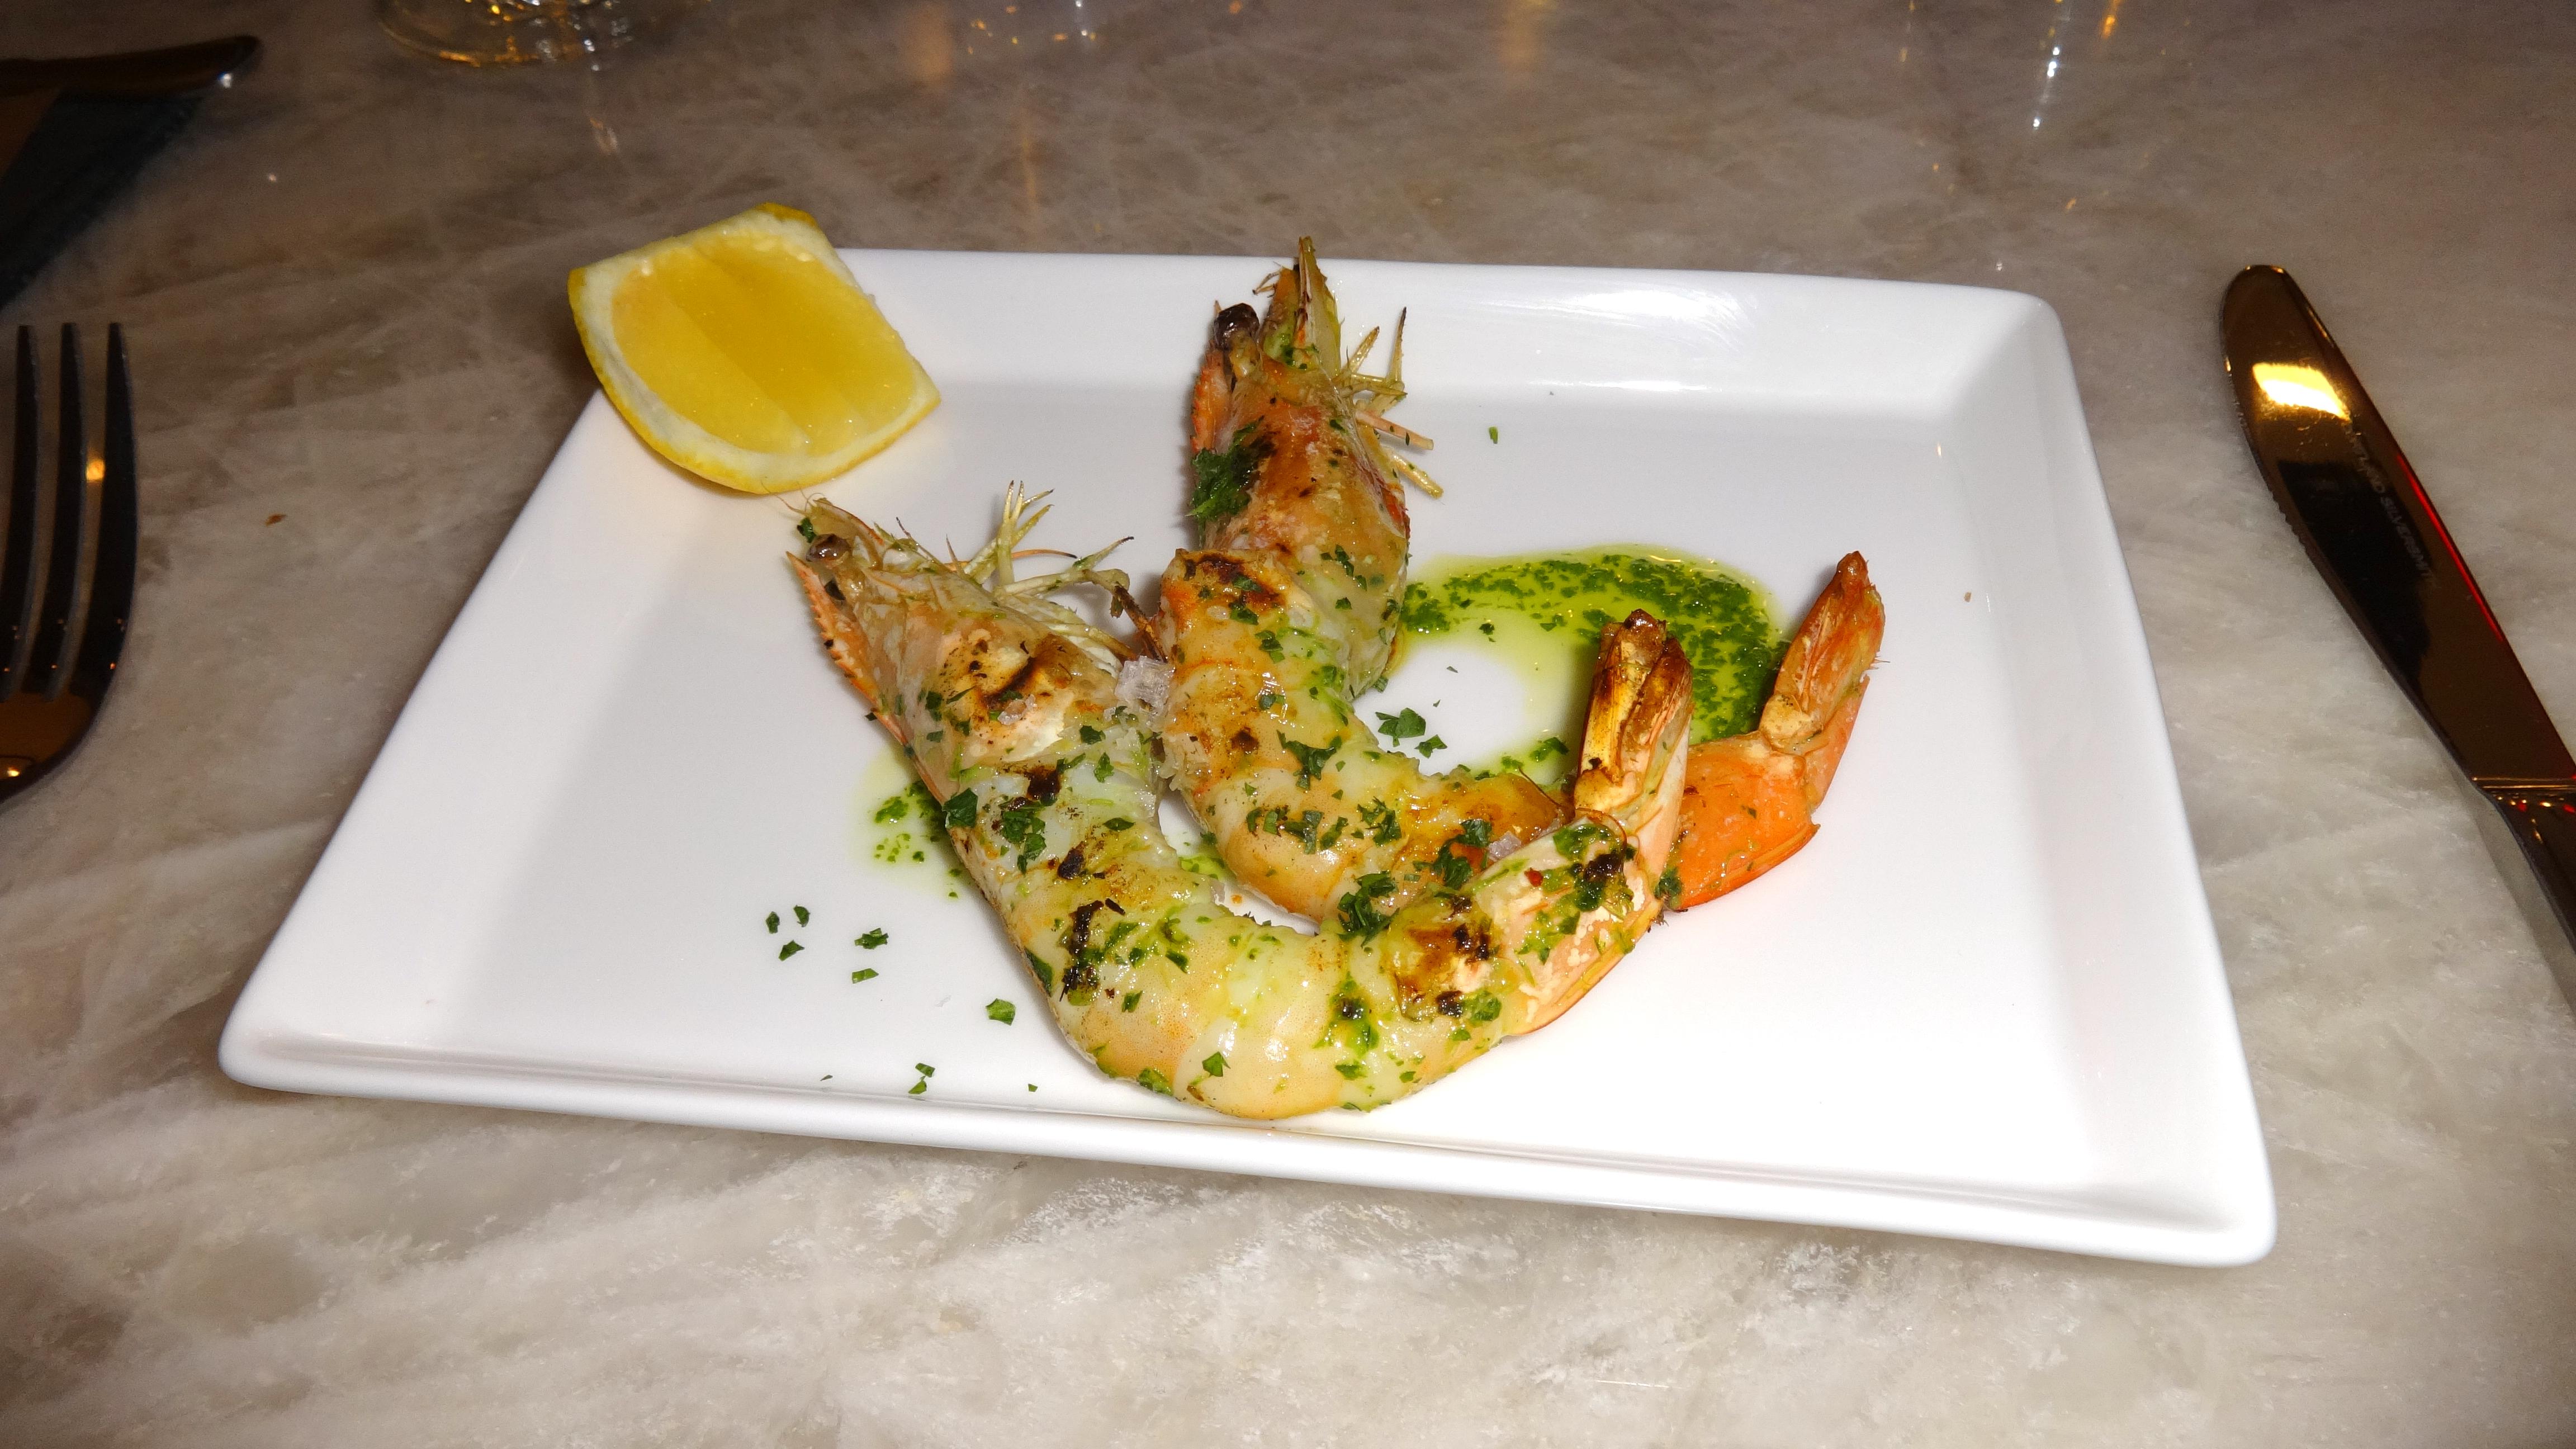 Amada shrimp